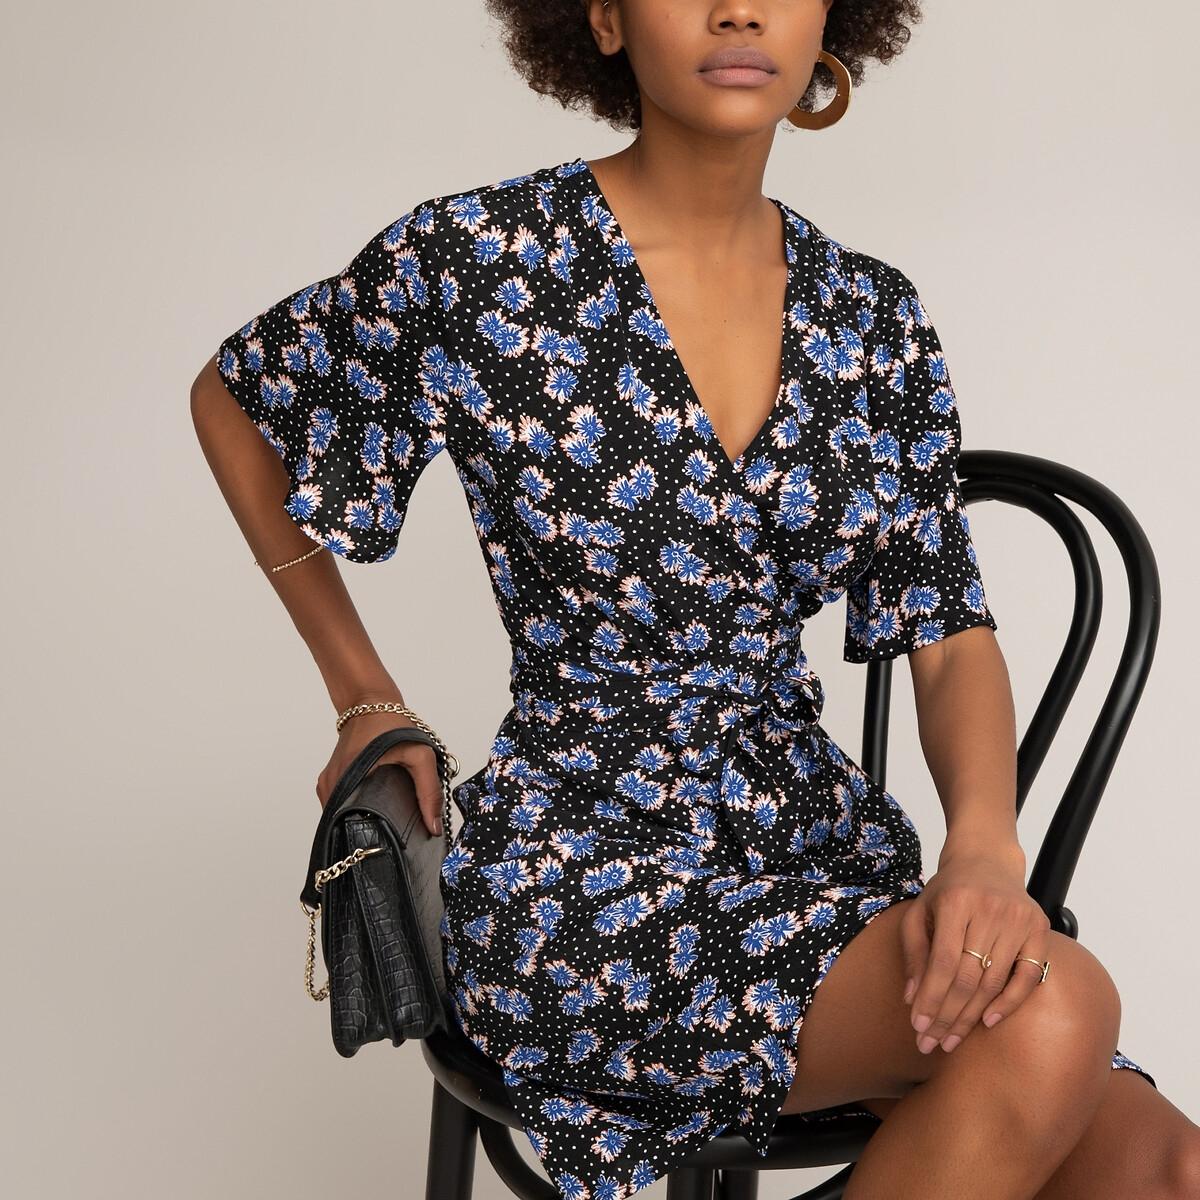 Фото - Платье LaRedoute С запахом с цветочным рисунком и короткими рукавами 40 (FR) - 46 (RUS) синий платье laredoute с запахом с рисунком 34 fr 40 rus синий